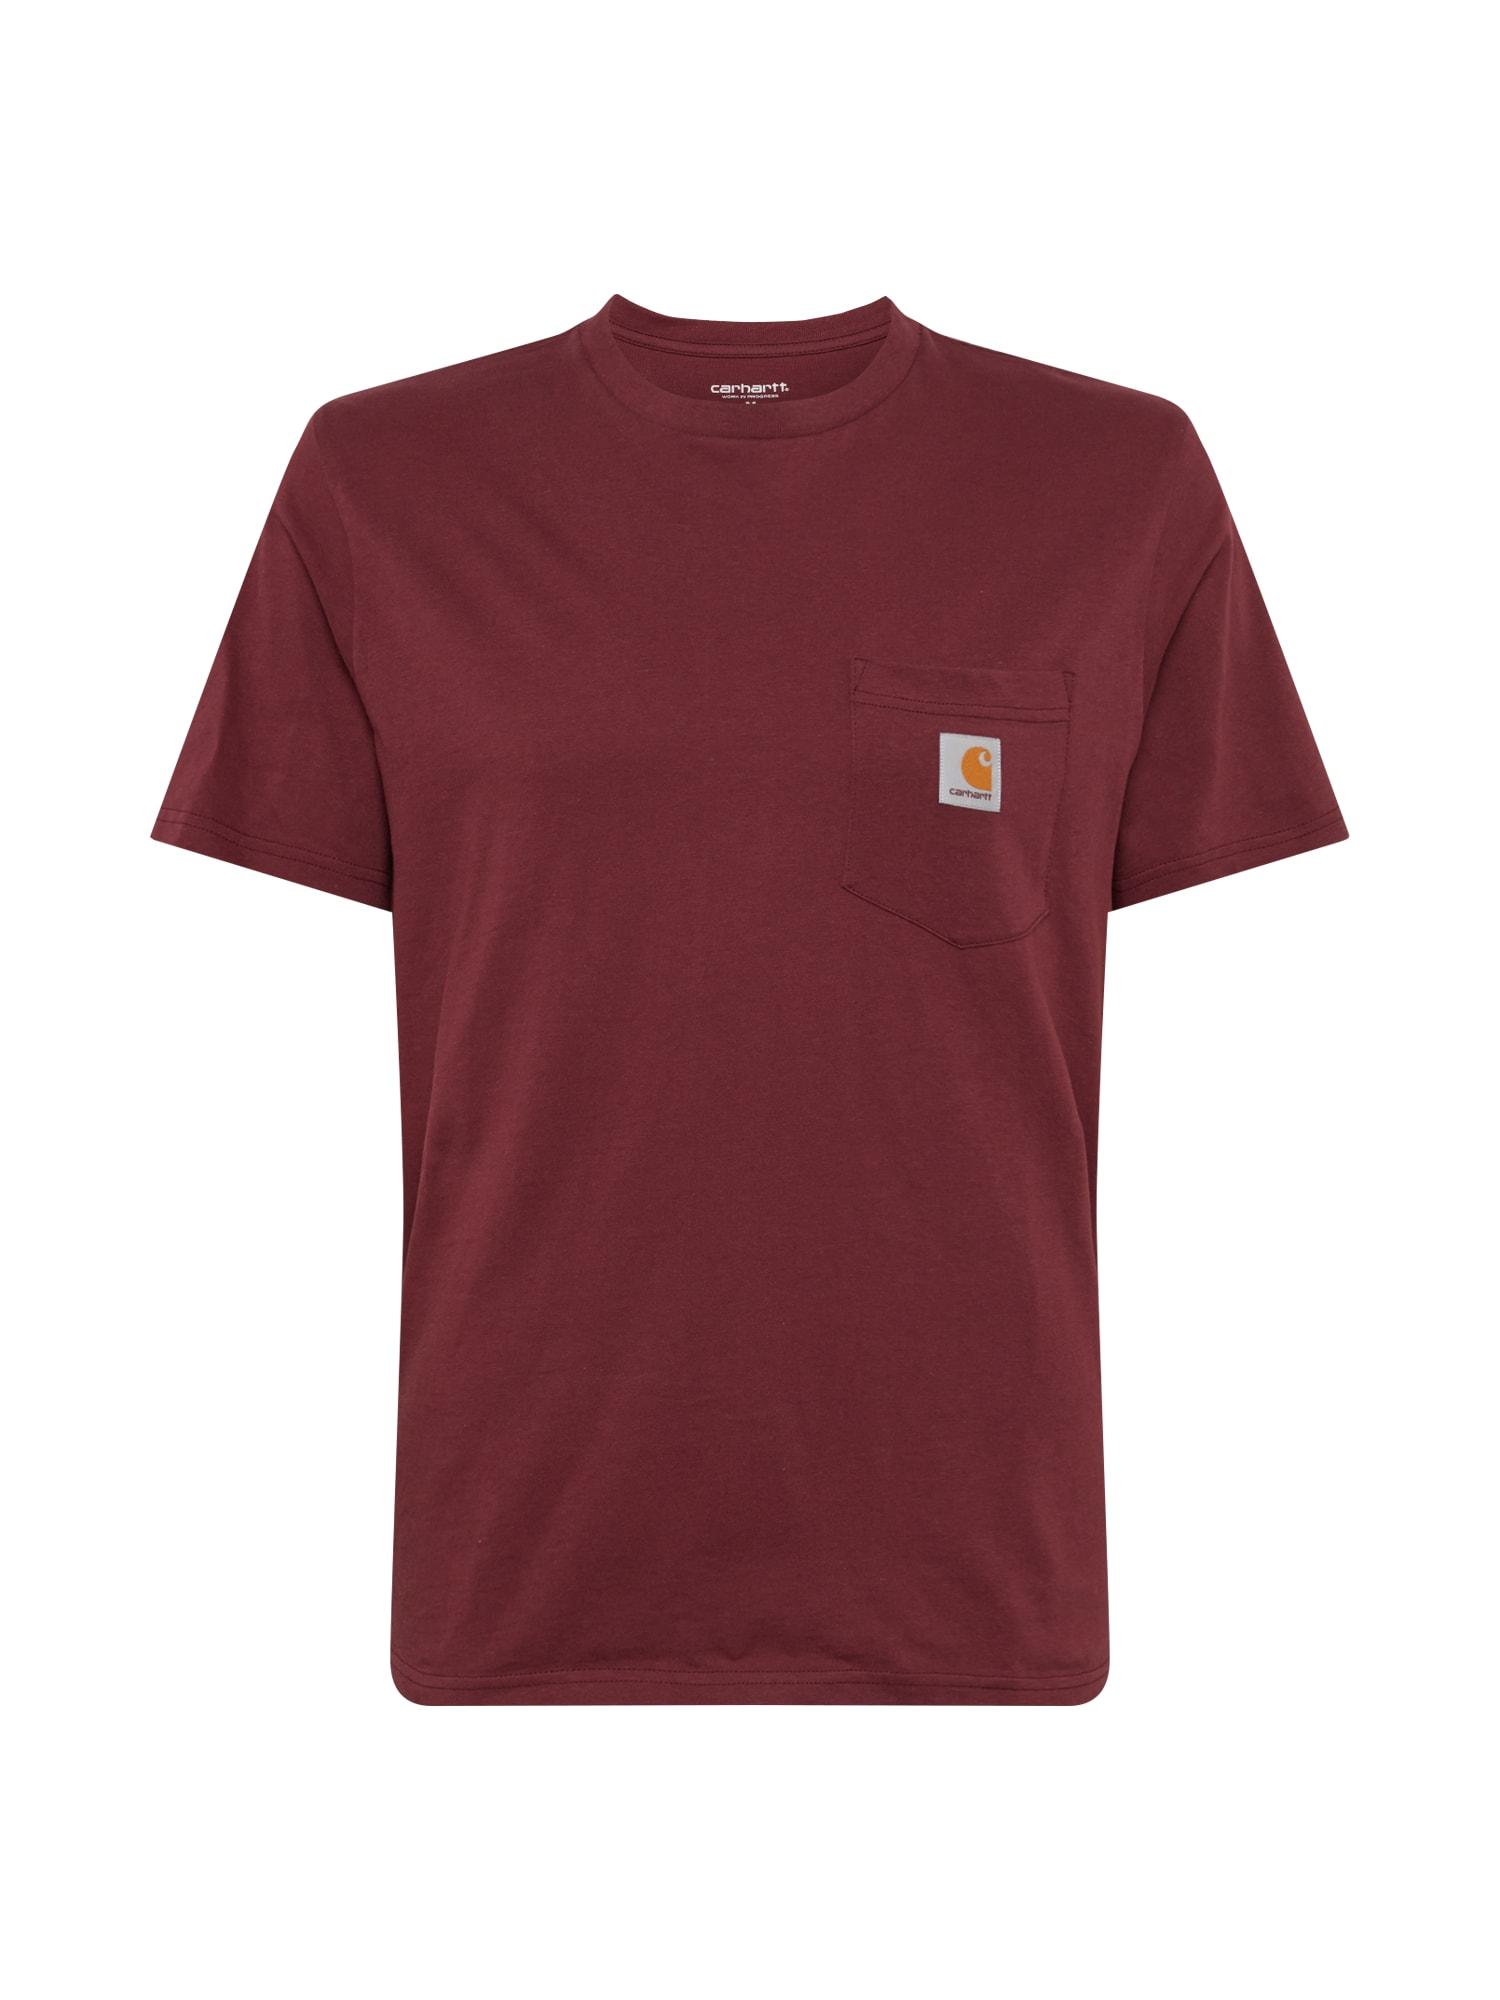 Carhartt WIP Marškinėliai vyno raudona spalva